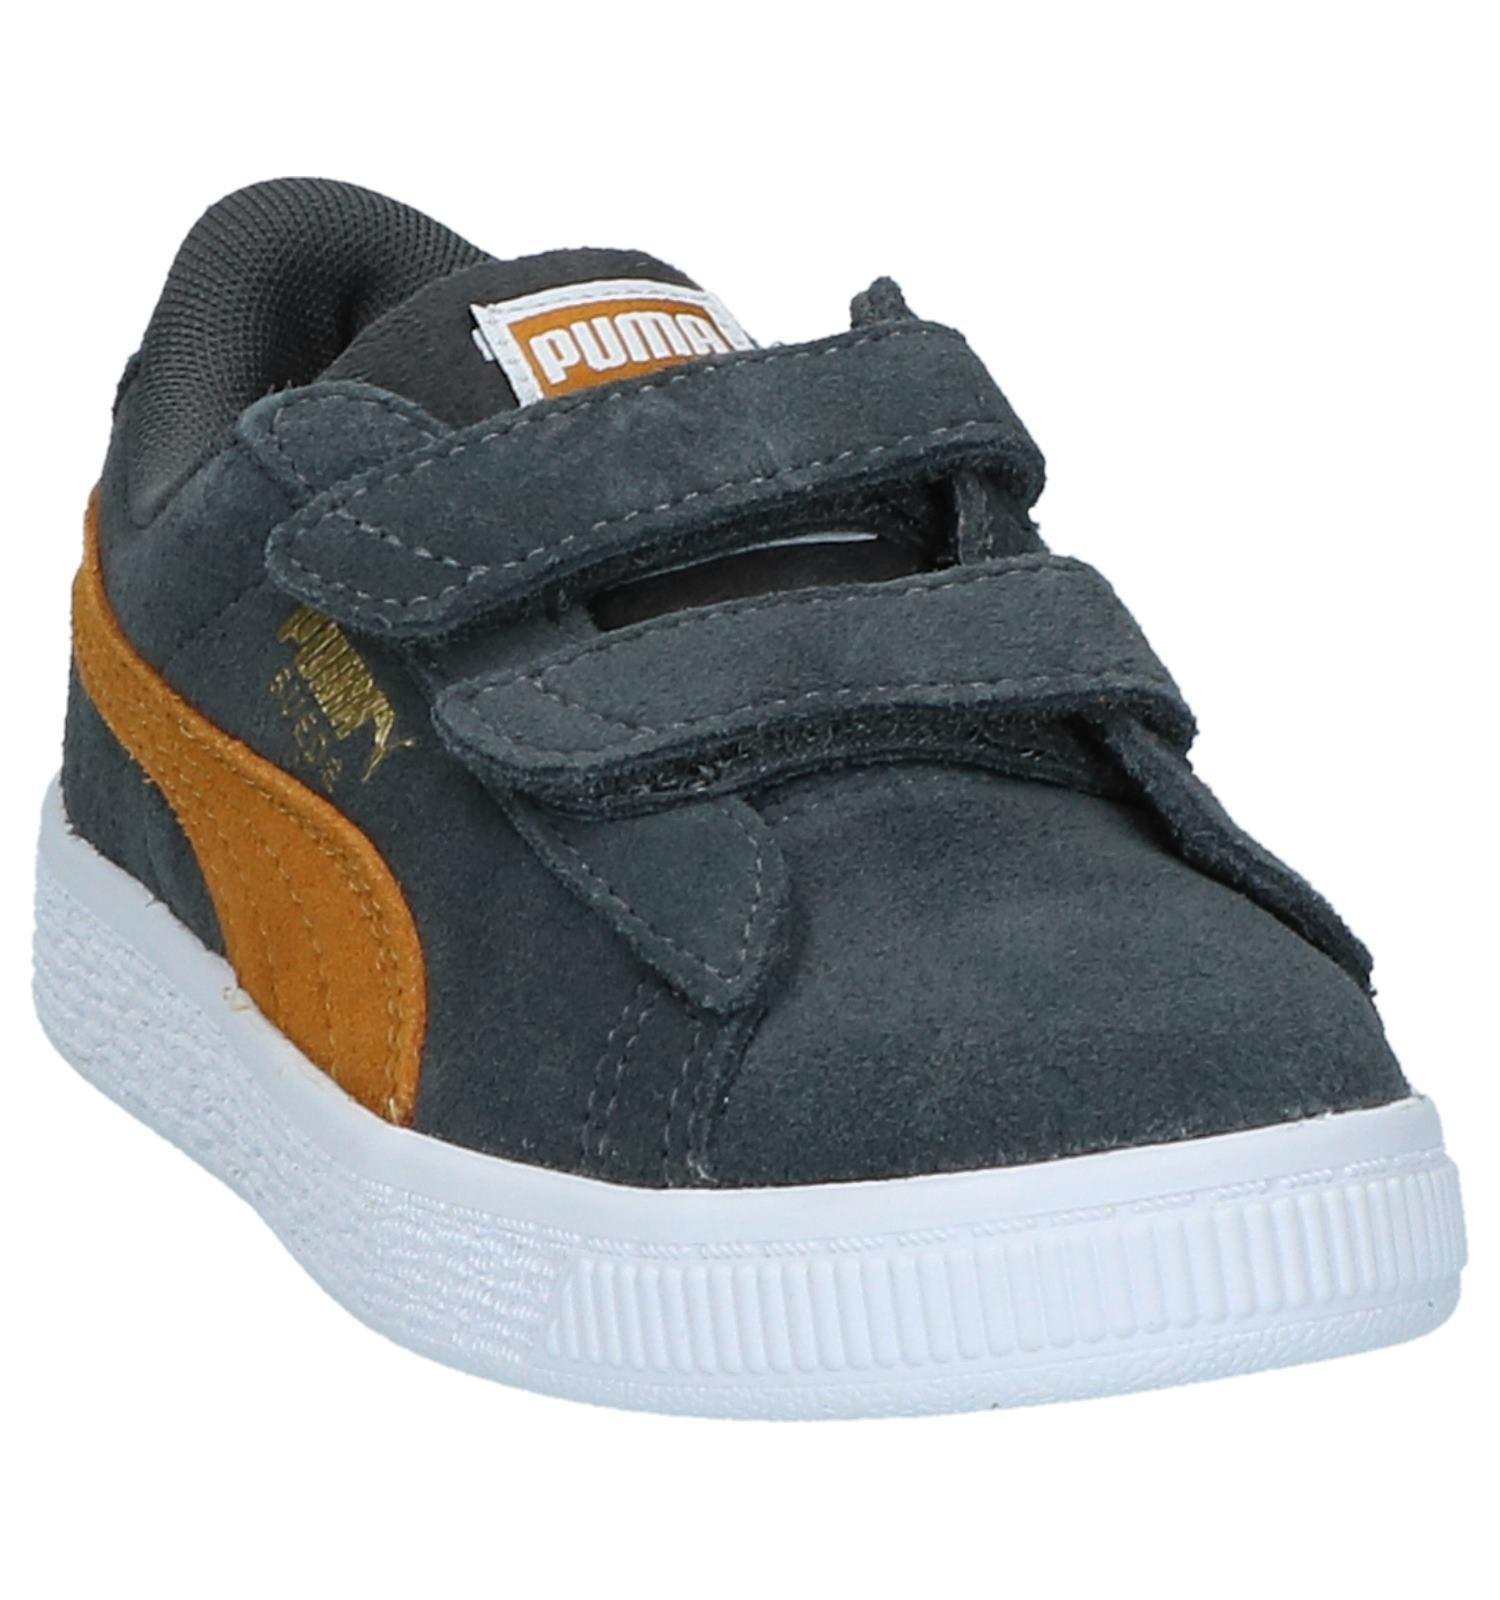 16179b9d91f Puma Suede Classic Grijze Sneakers met Velcro | TORFS.BE | Gratis verzend  en retour